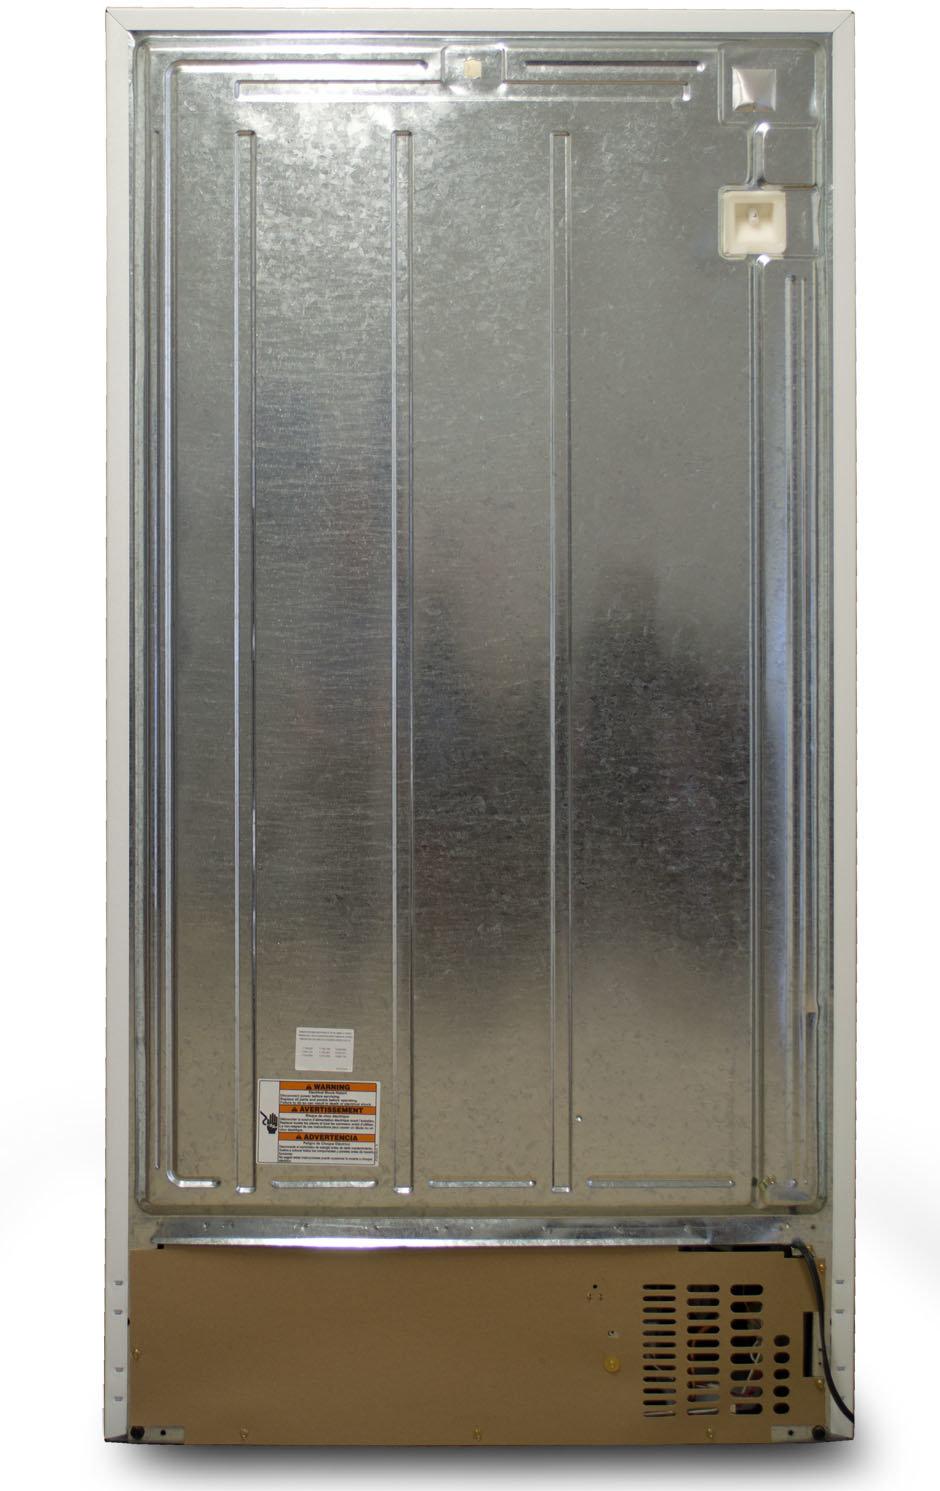 Kenmore 41152 Refrigerator Review Reviewed Com Refrigerators